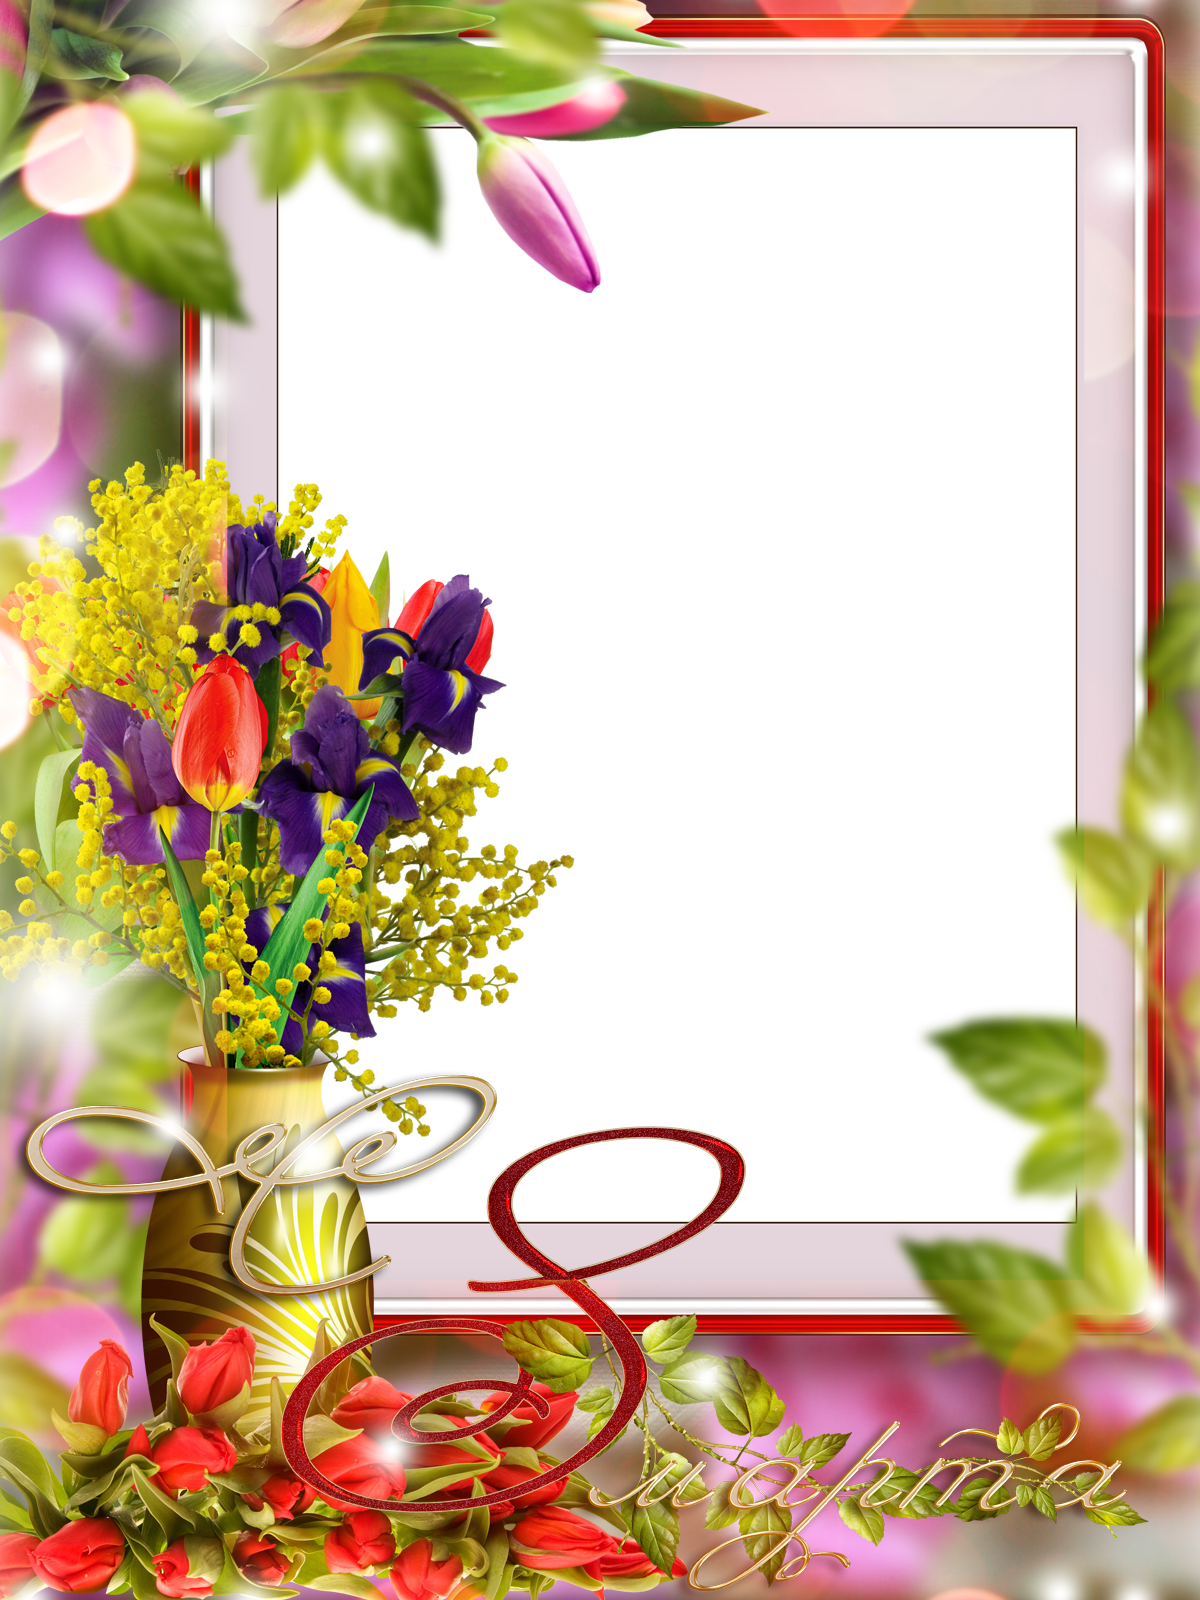 Мысли жизни, открытка на 8 марта шаблон для фотошопа